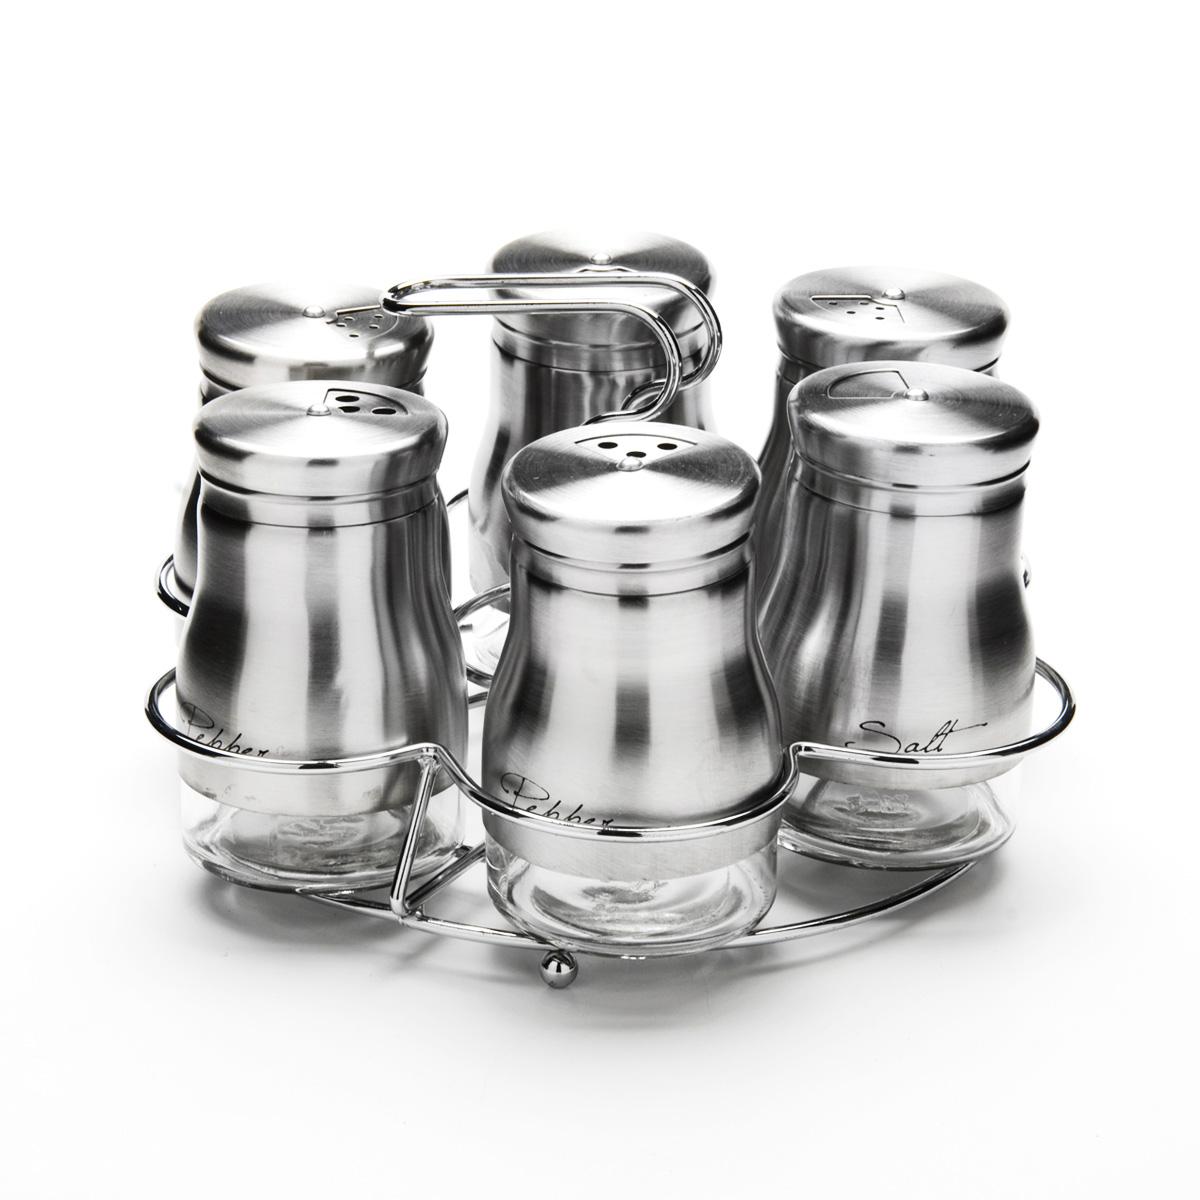 Набор для специй Mayer & Boch, на подставке, 7 предметов23479Набор для специй Mayer & Boch состоит из шести баночек и подставки. Баночки выполнены из стекла и высококачественной нержавеющей стали, оснащены плотно закручивающимися крышками, которые имеют три варианта добавления специй: через мелкие, средние или крупные отверстия. Для баночек предусмотрена металлическая подставка с ручкой. Набор для специй Mayer & Boch стильно оформит интерьер кухни и станет незаменимым при приготовлении пищи. Компактный, не занимает много места и всегда будет под рукой. Диаметр баночки (по верхнему краю): 3,5 см. Высота баночки (с крышкой): 9 см. Объем баночки: 140 мл. Размер подставки: 17,5 см х 17,5 см х 12 см.